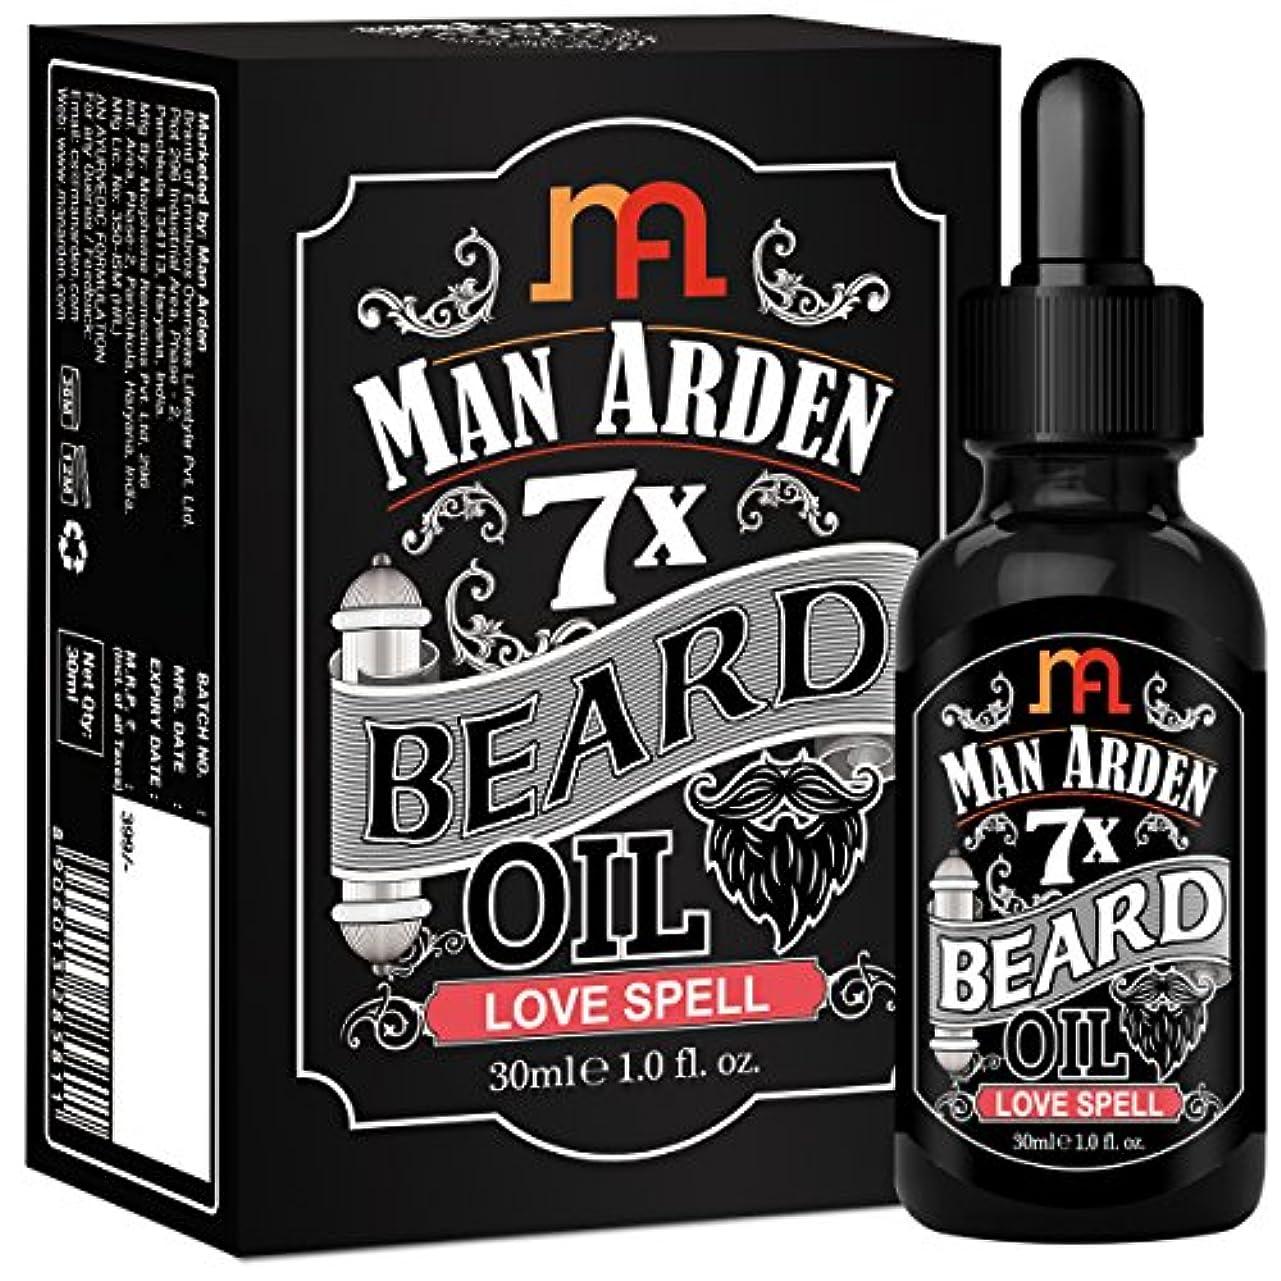 延ばす変換振るMan Arden 7X Beard Oil 30ml (Love Spell) - 7 Premium Oils Blend For Beard Growth & Nourishment